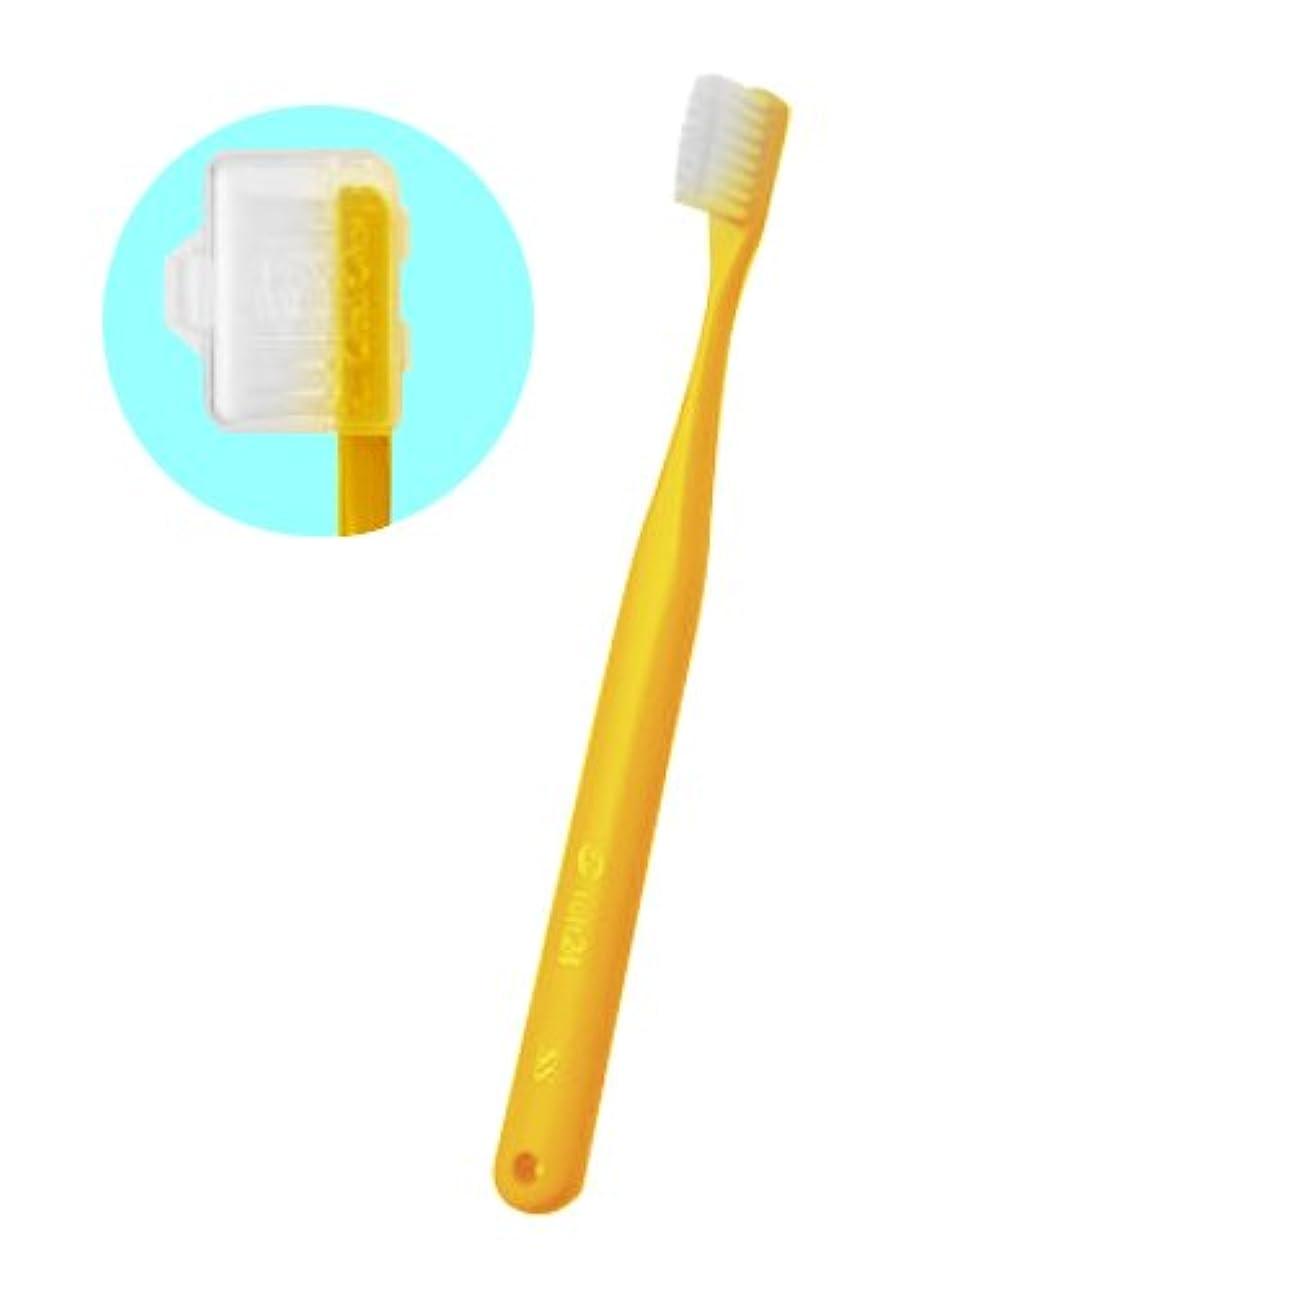 ウェブ処理する貫入オーラルケア キャップ付き タフト 24 歯ブラシ エクストラスーパーソフト 1本 (イエロー)